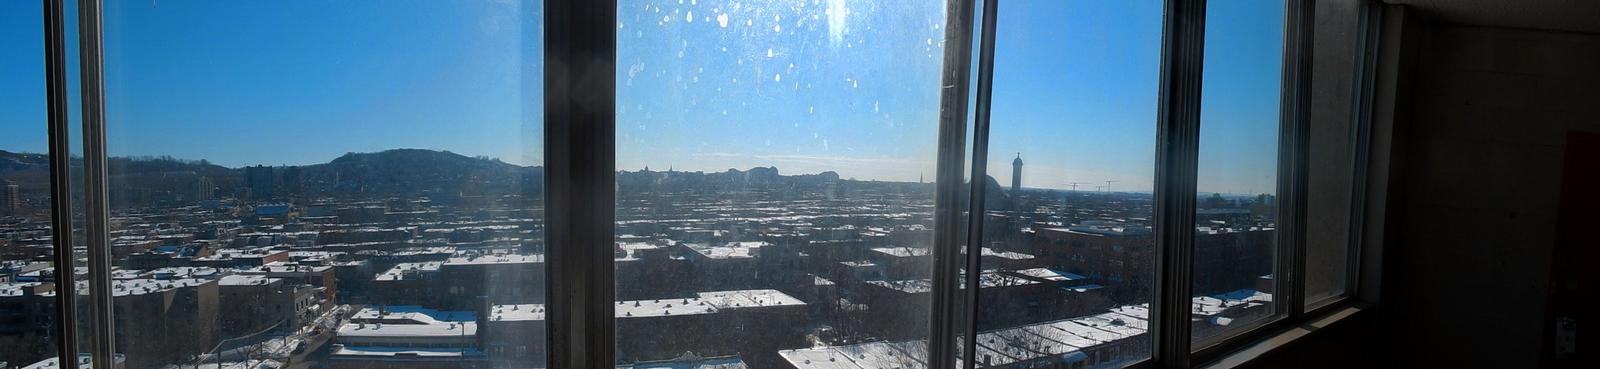 City View stock by MangekkoJones